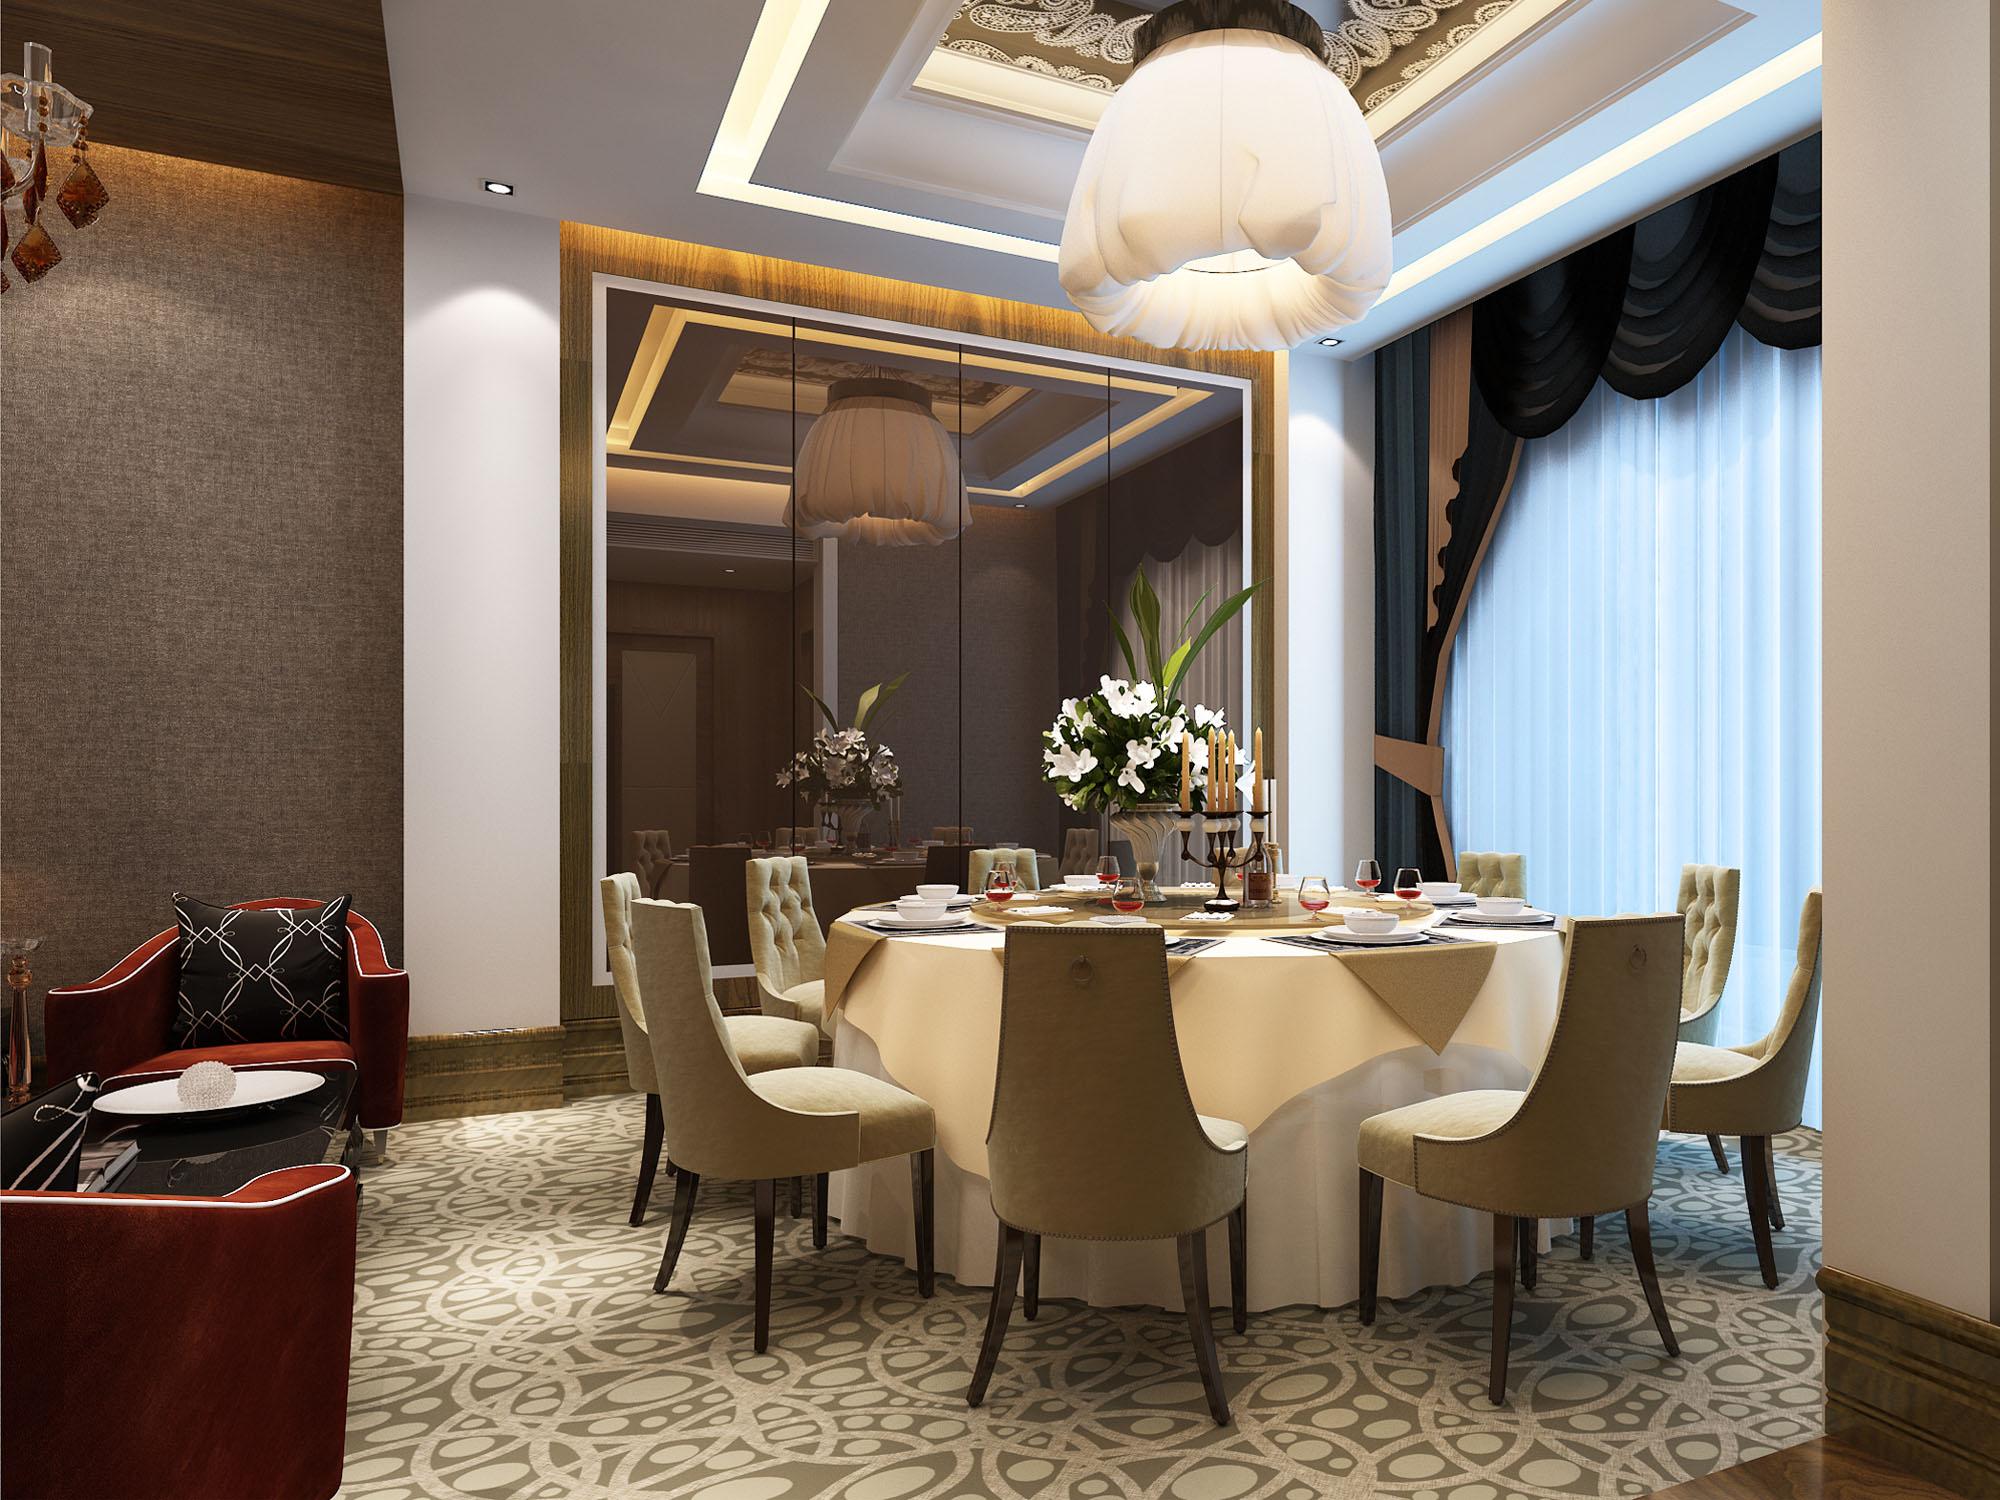 山东餐厅装修设计公司哪家专业 德州西餐厅装修设计